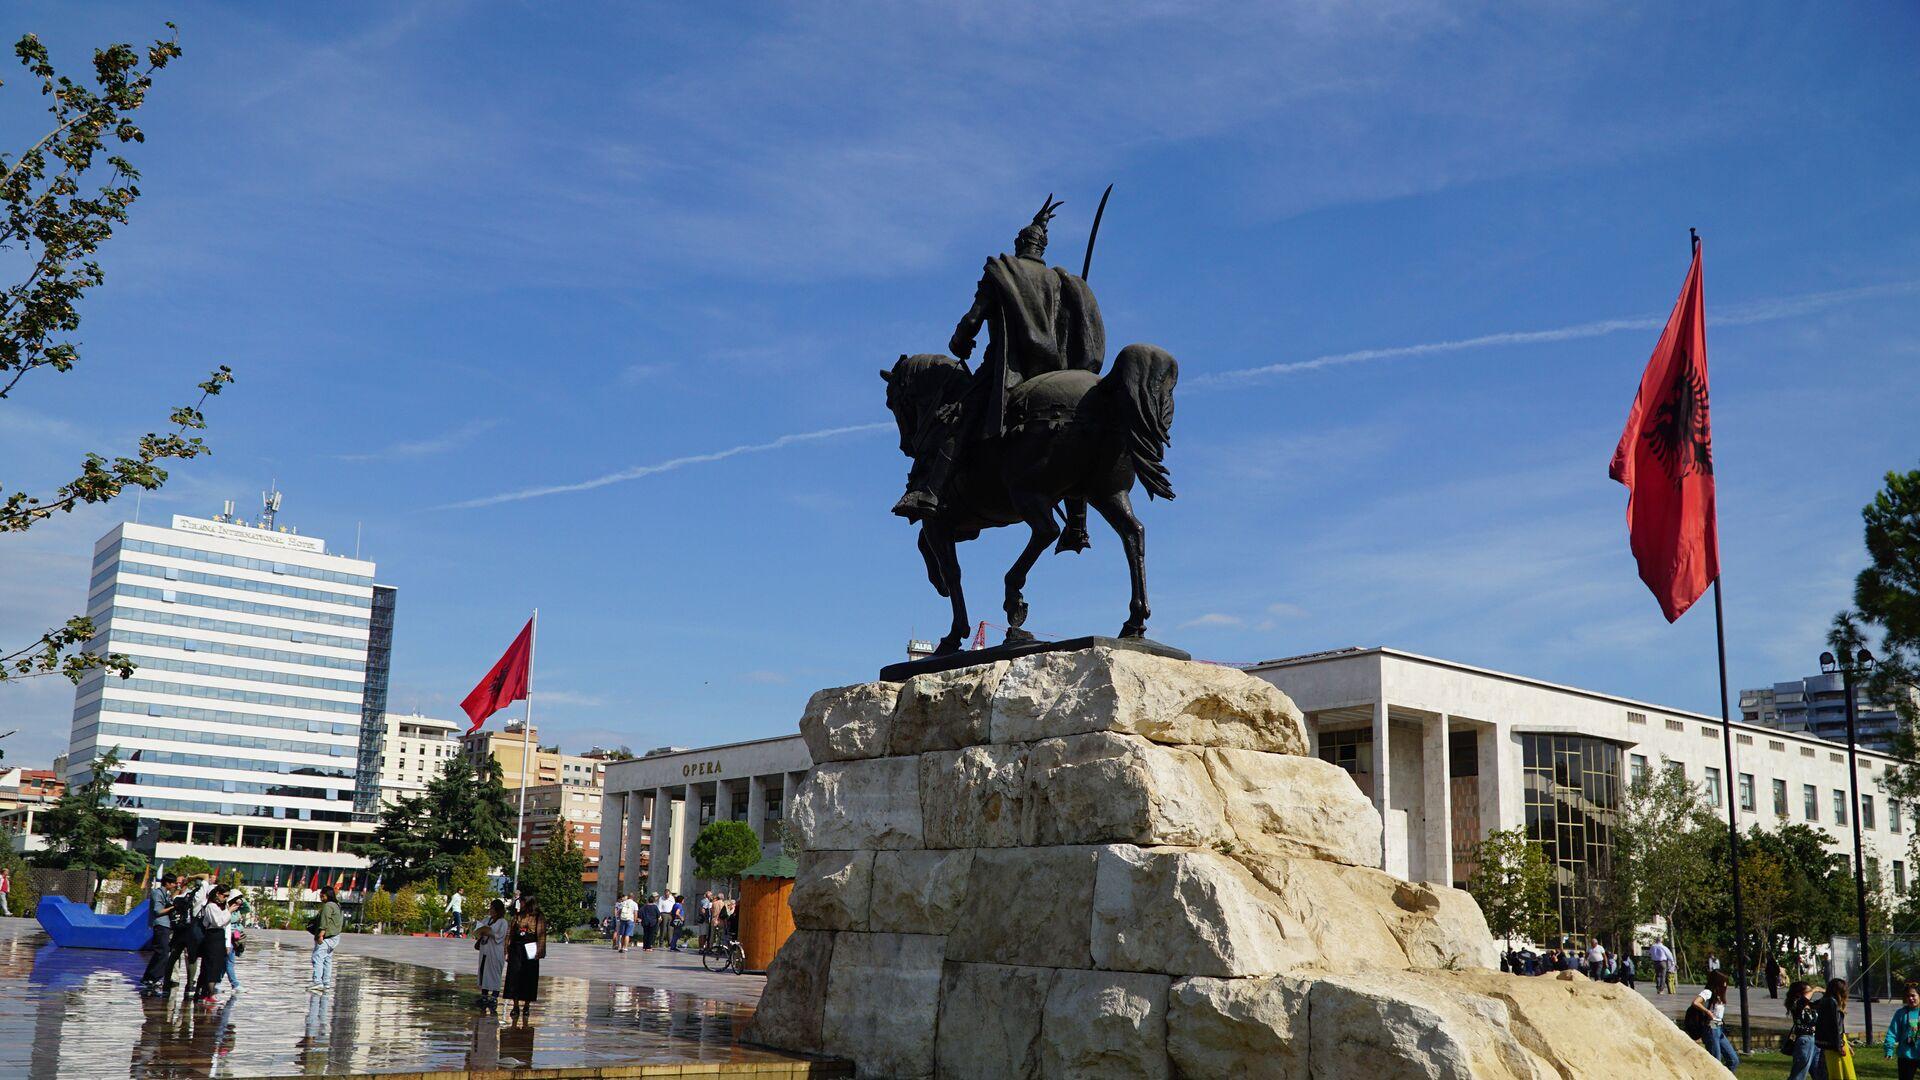 Tirana, Albanija - Sputnik Srbija, 1920, 26.09.2021